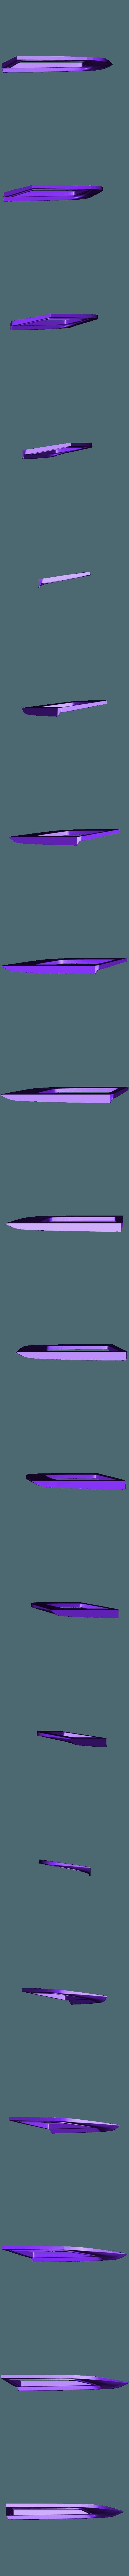 rear_window_L.STL Download STL file Lada Niva  • 3D printing template, serega1337